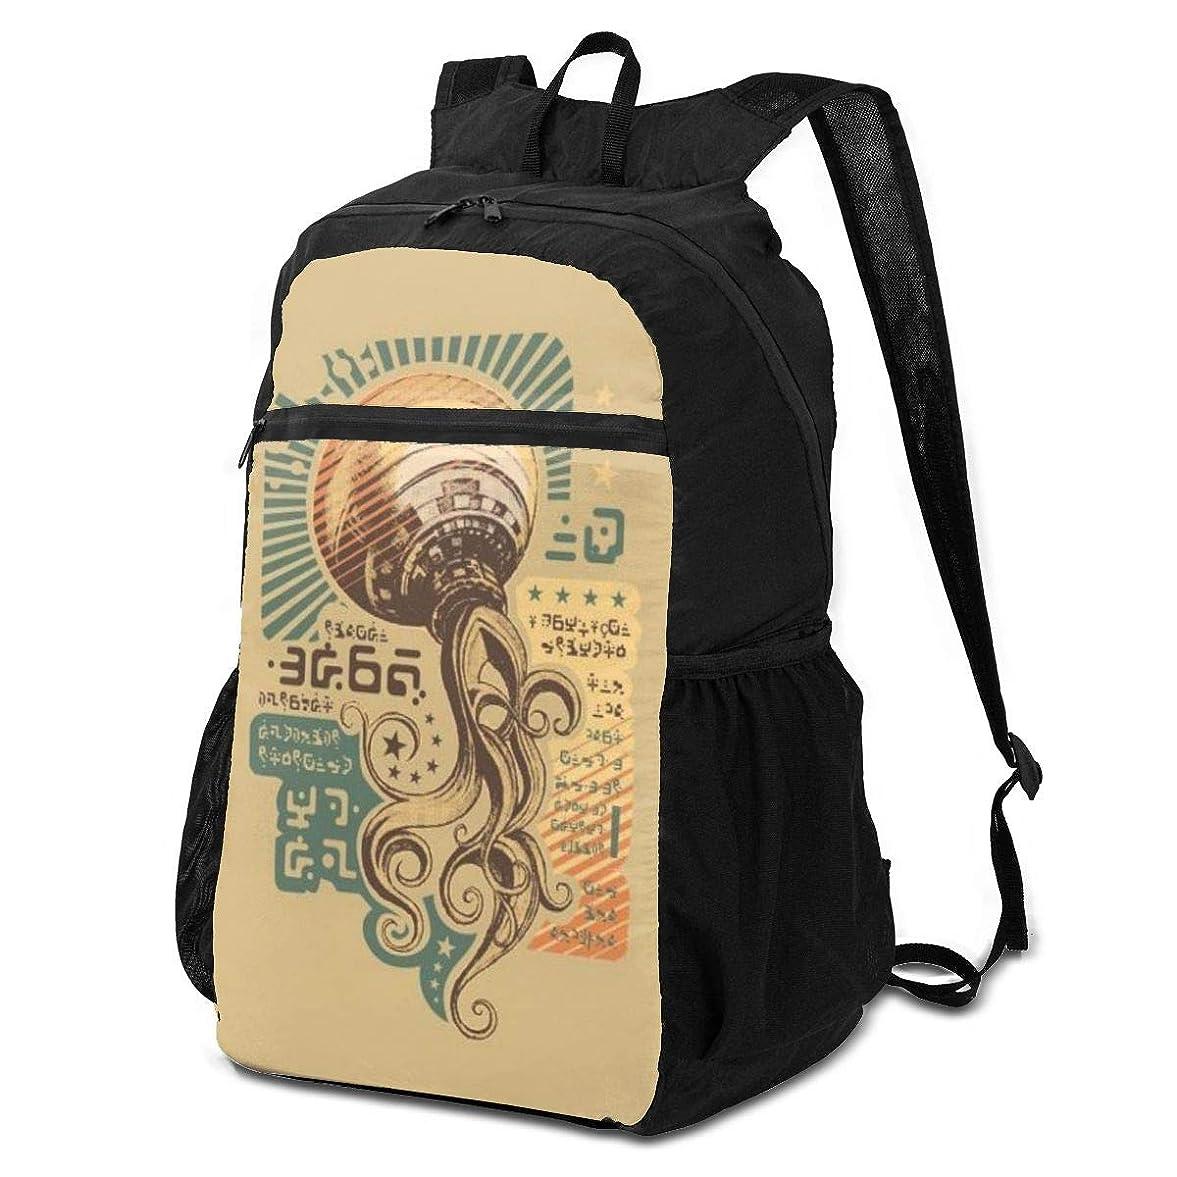 爆弾忠誠解明登山リュック ザック 抽象日本語 バックパック 軽量 防水 通勤 小型旅行 折りたたみ式キャンプ アウトドアバッグ